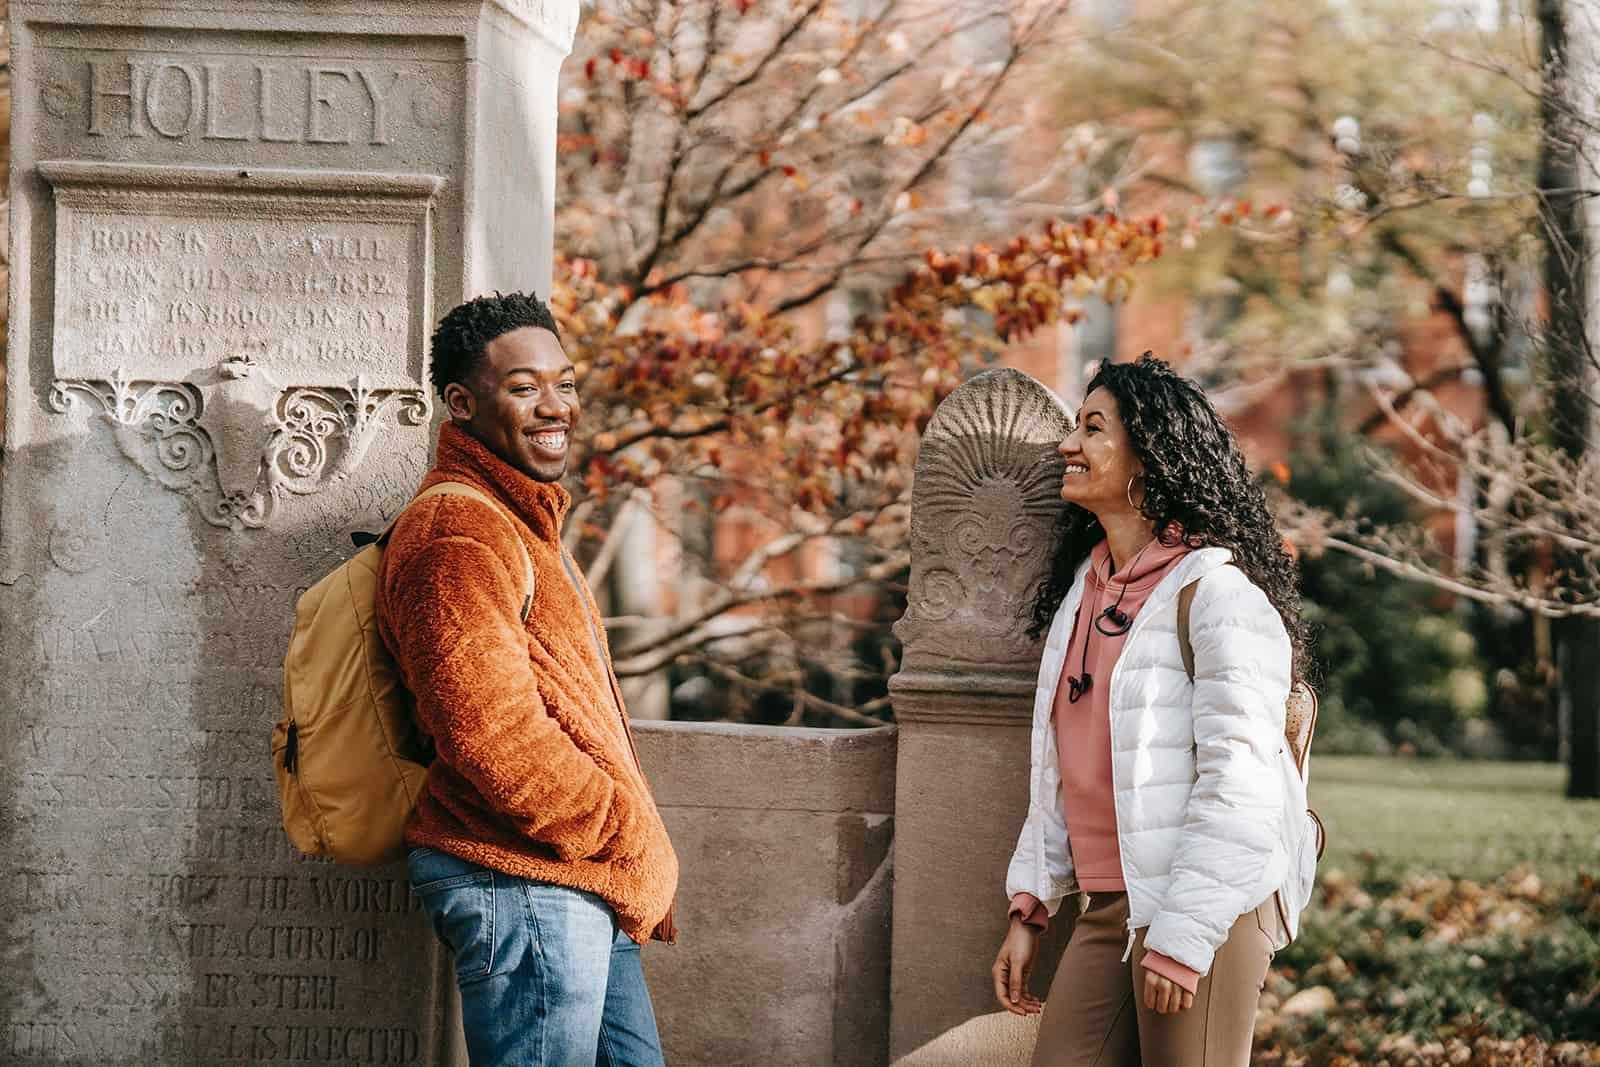 Ein fröhlicher Mann und eine Frau stehen im Park und reden